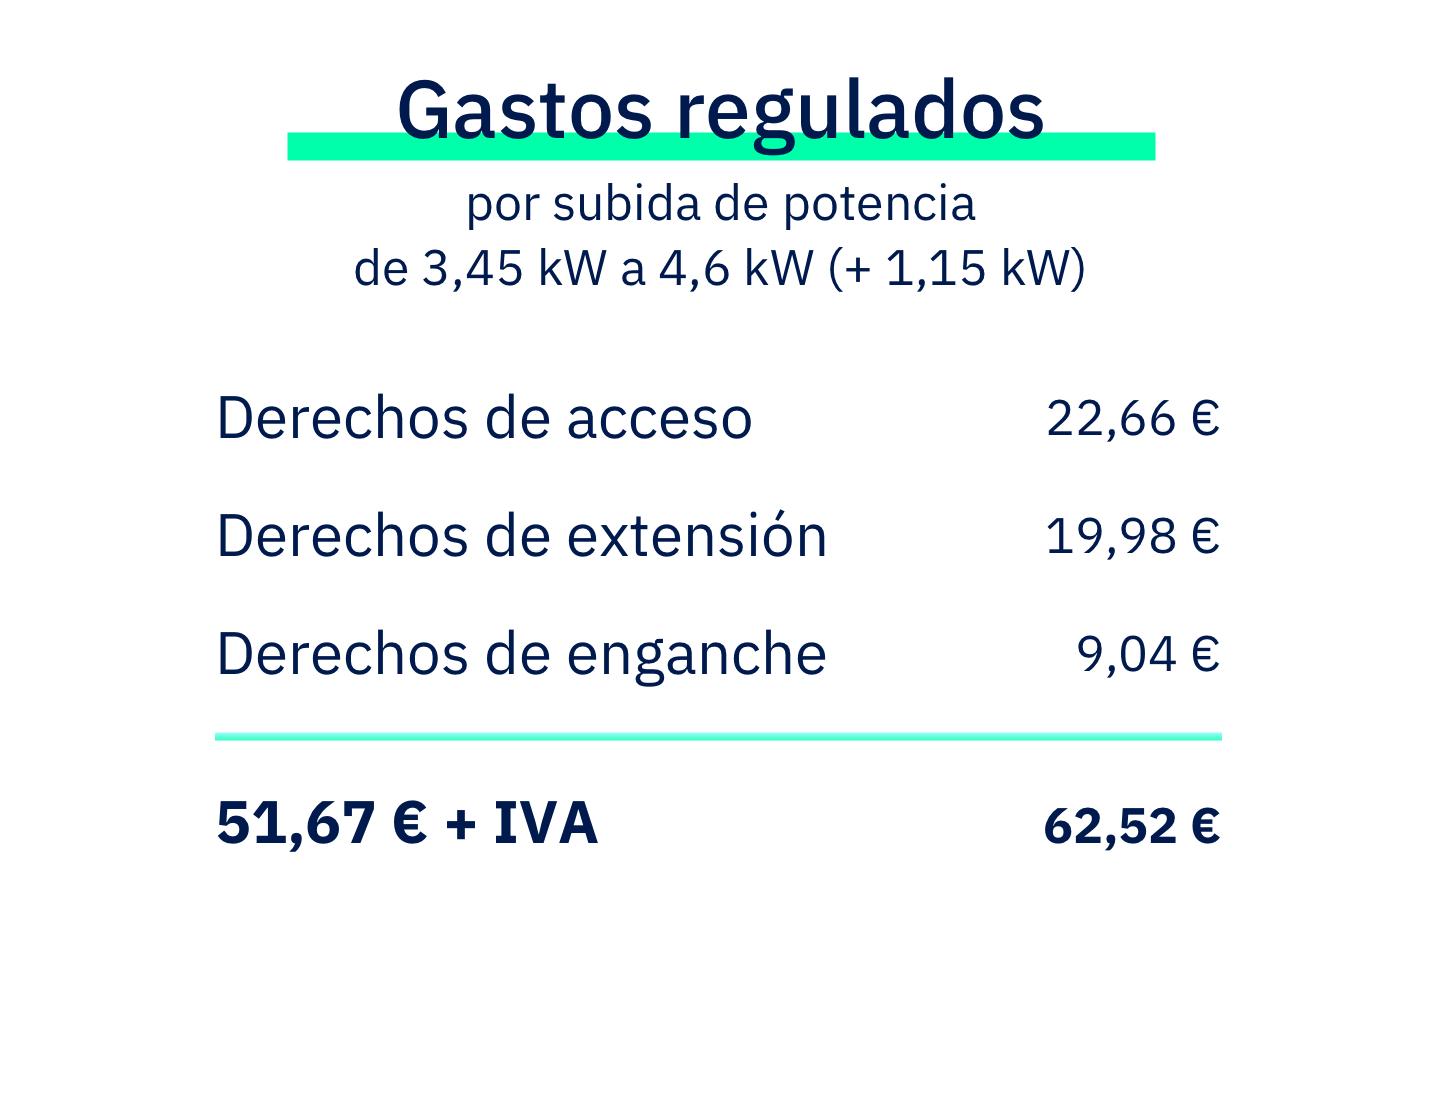 lucera-gastos-regulados-ejemplo-cambio-potencia